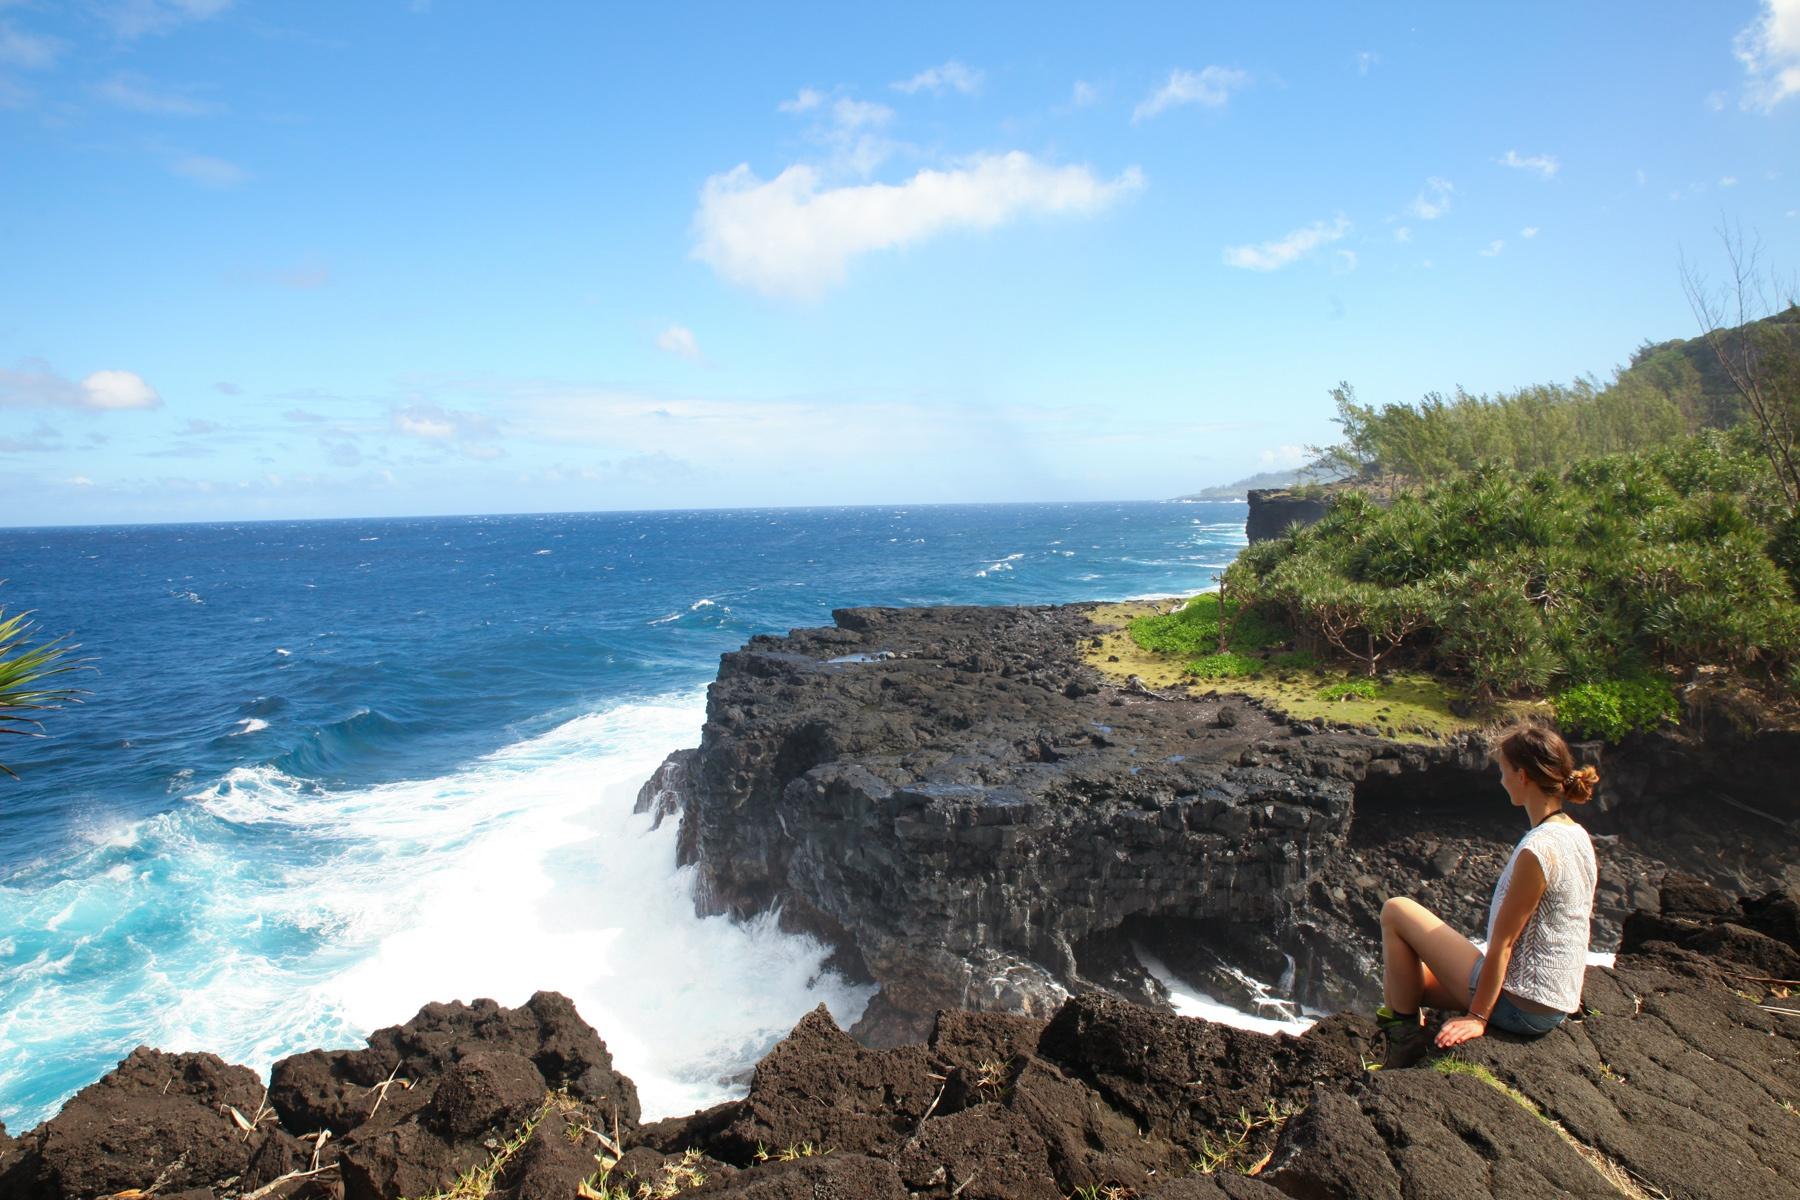 Lava trifft auf Ozean: Die zerklüftete Küste von La Réunion lädt zum Wandern und Verweilen ein.